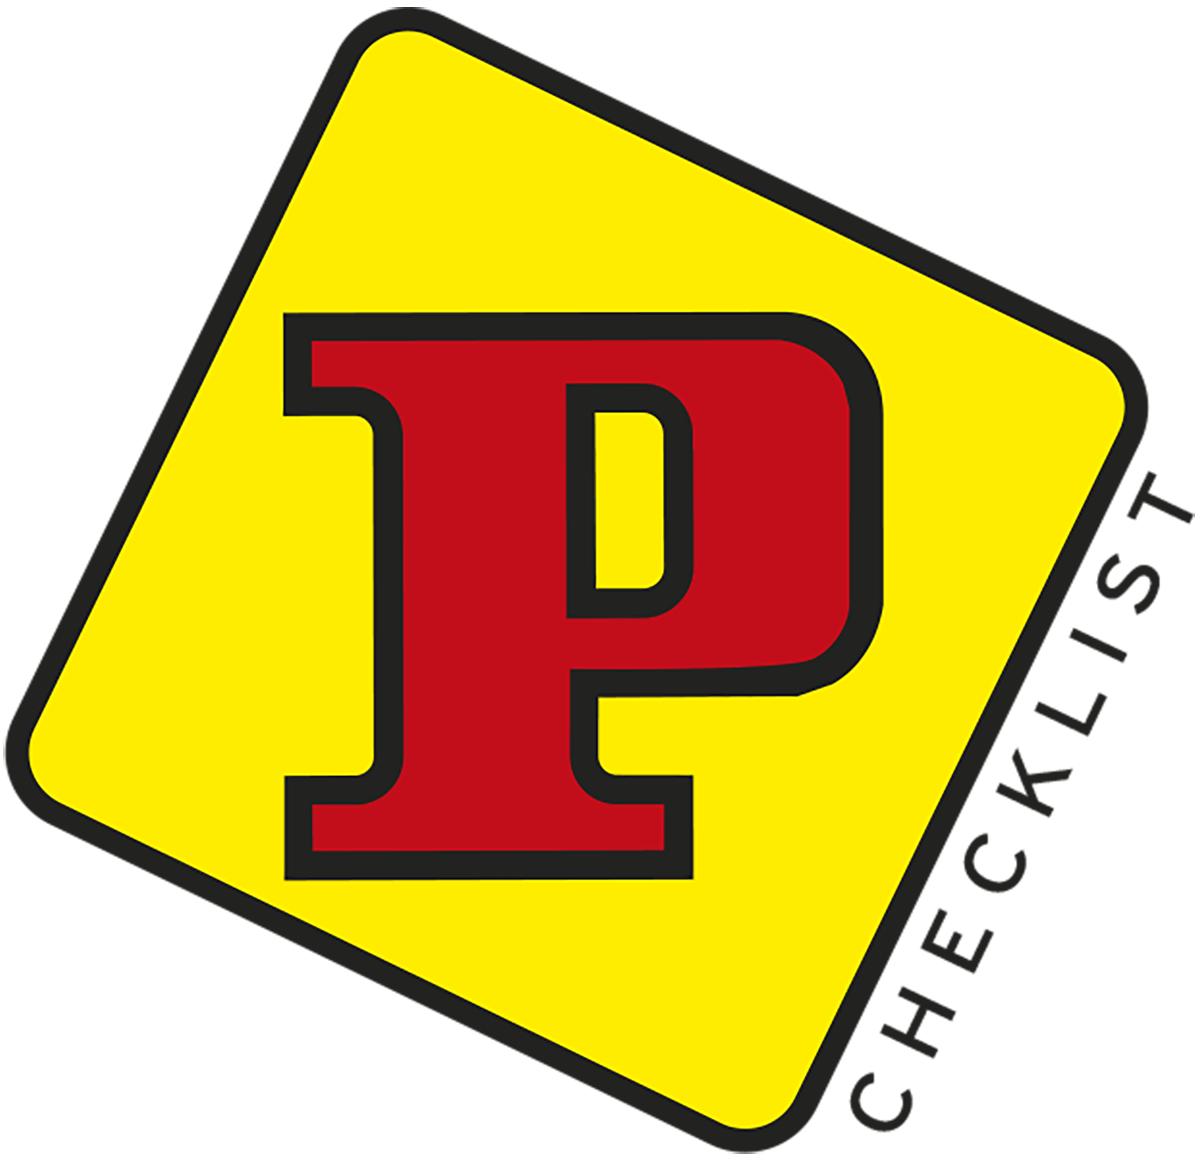 CHECKLIST DE MAI 2021 - PANINI COMICS